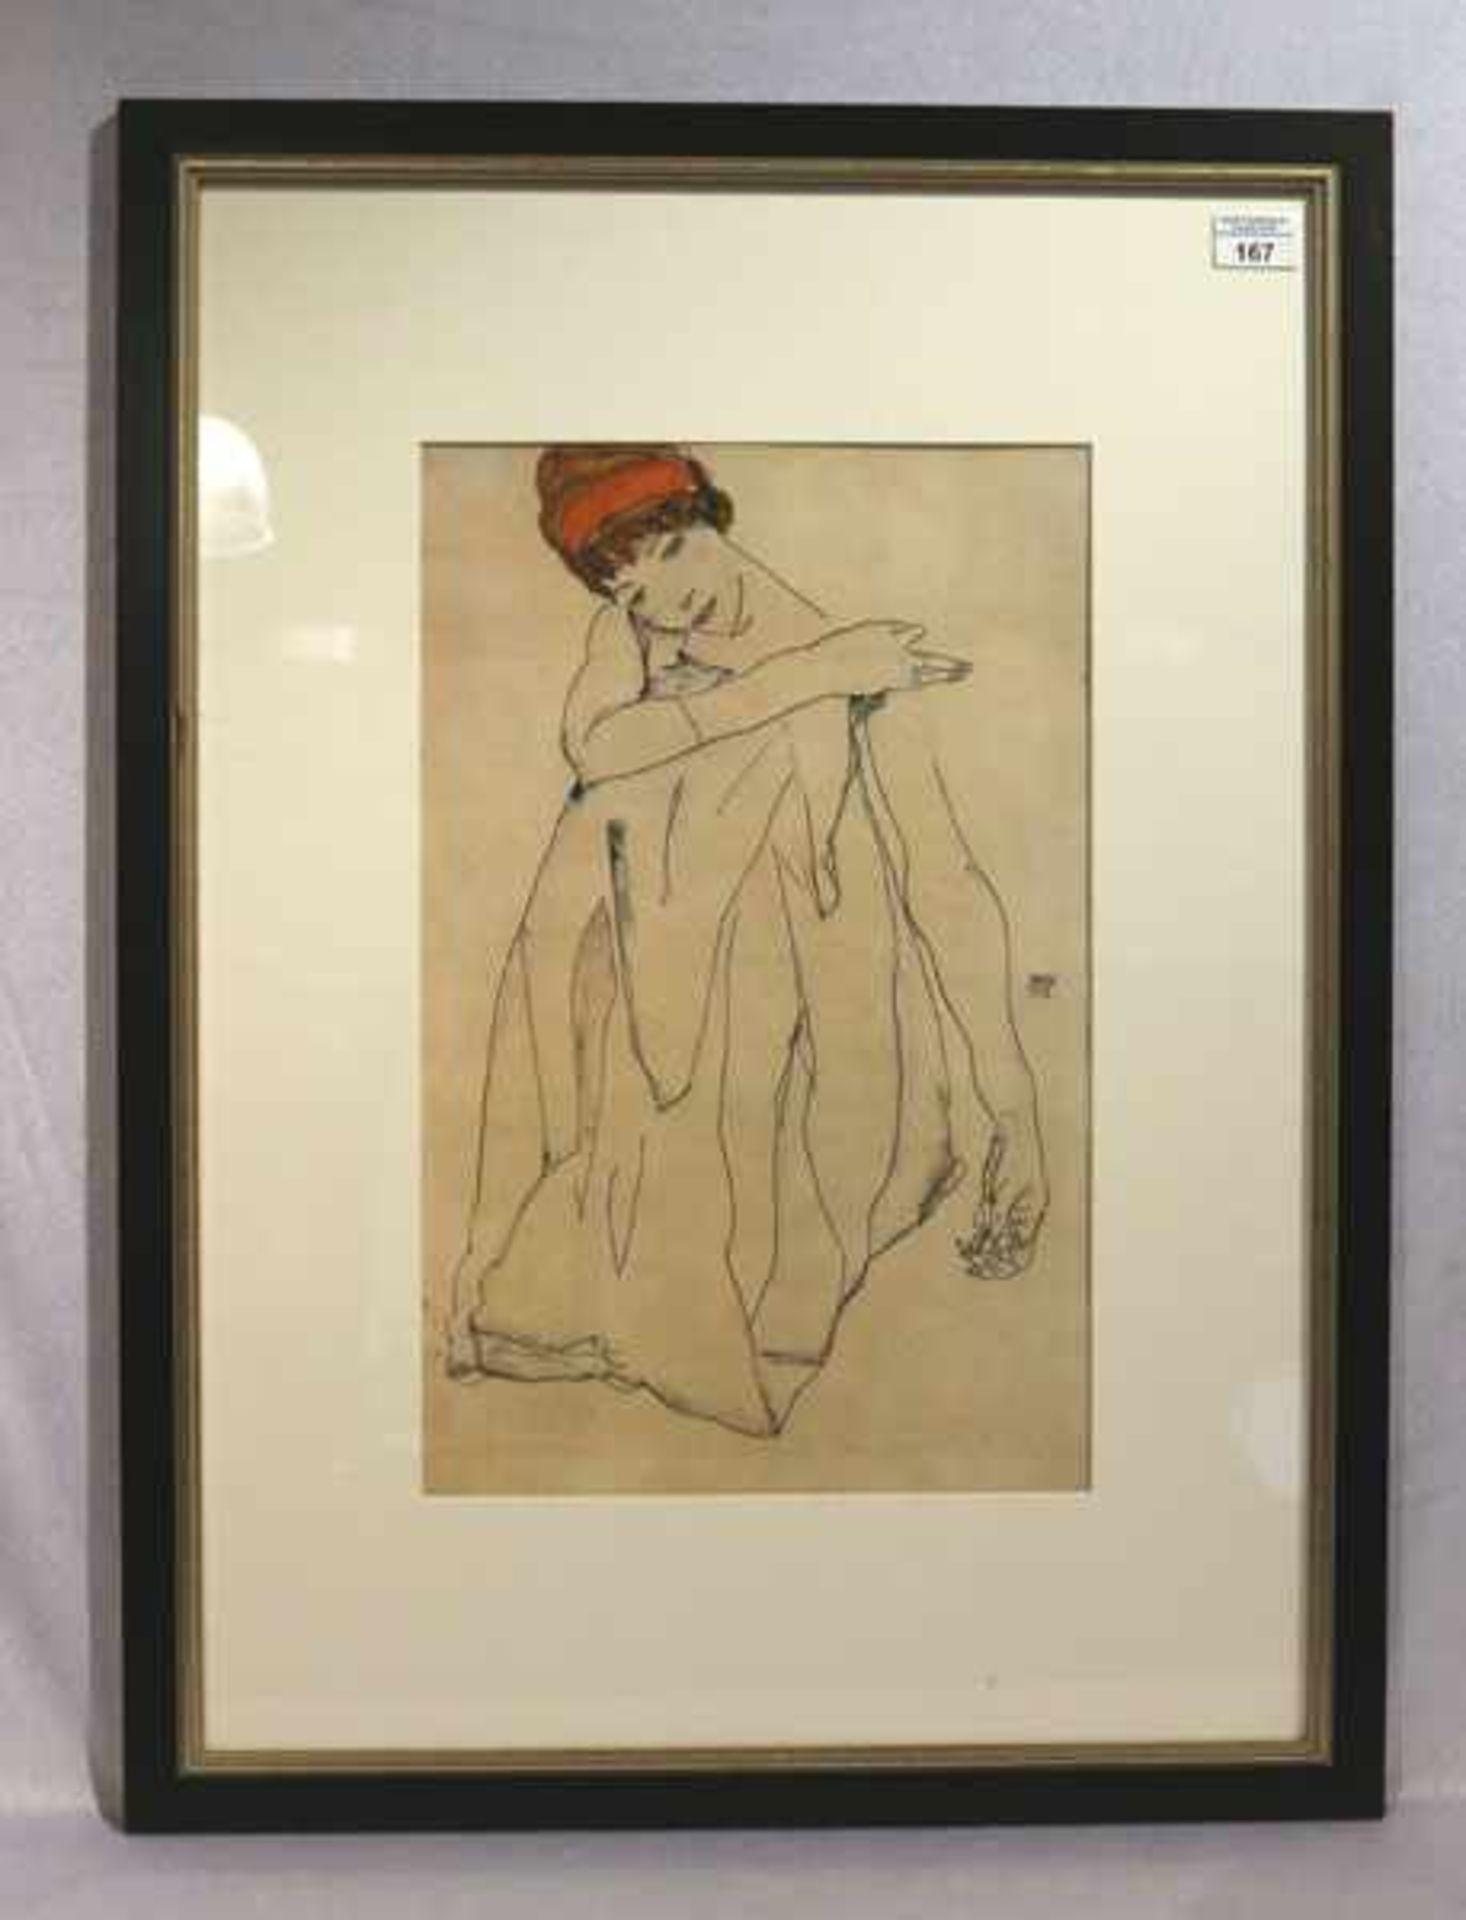 Los 167 - Druck 'Damenbildnis', nach Egon Schiele, 1913, mit Passepartout unter Glas gerahmt, Rahmen leicht